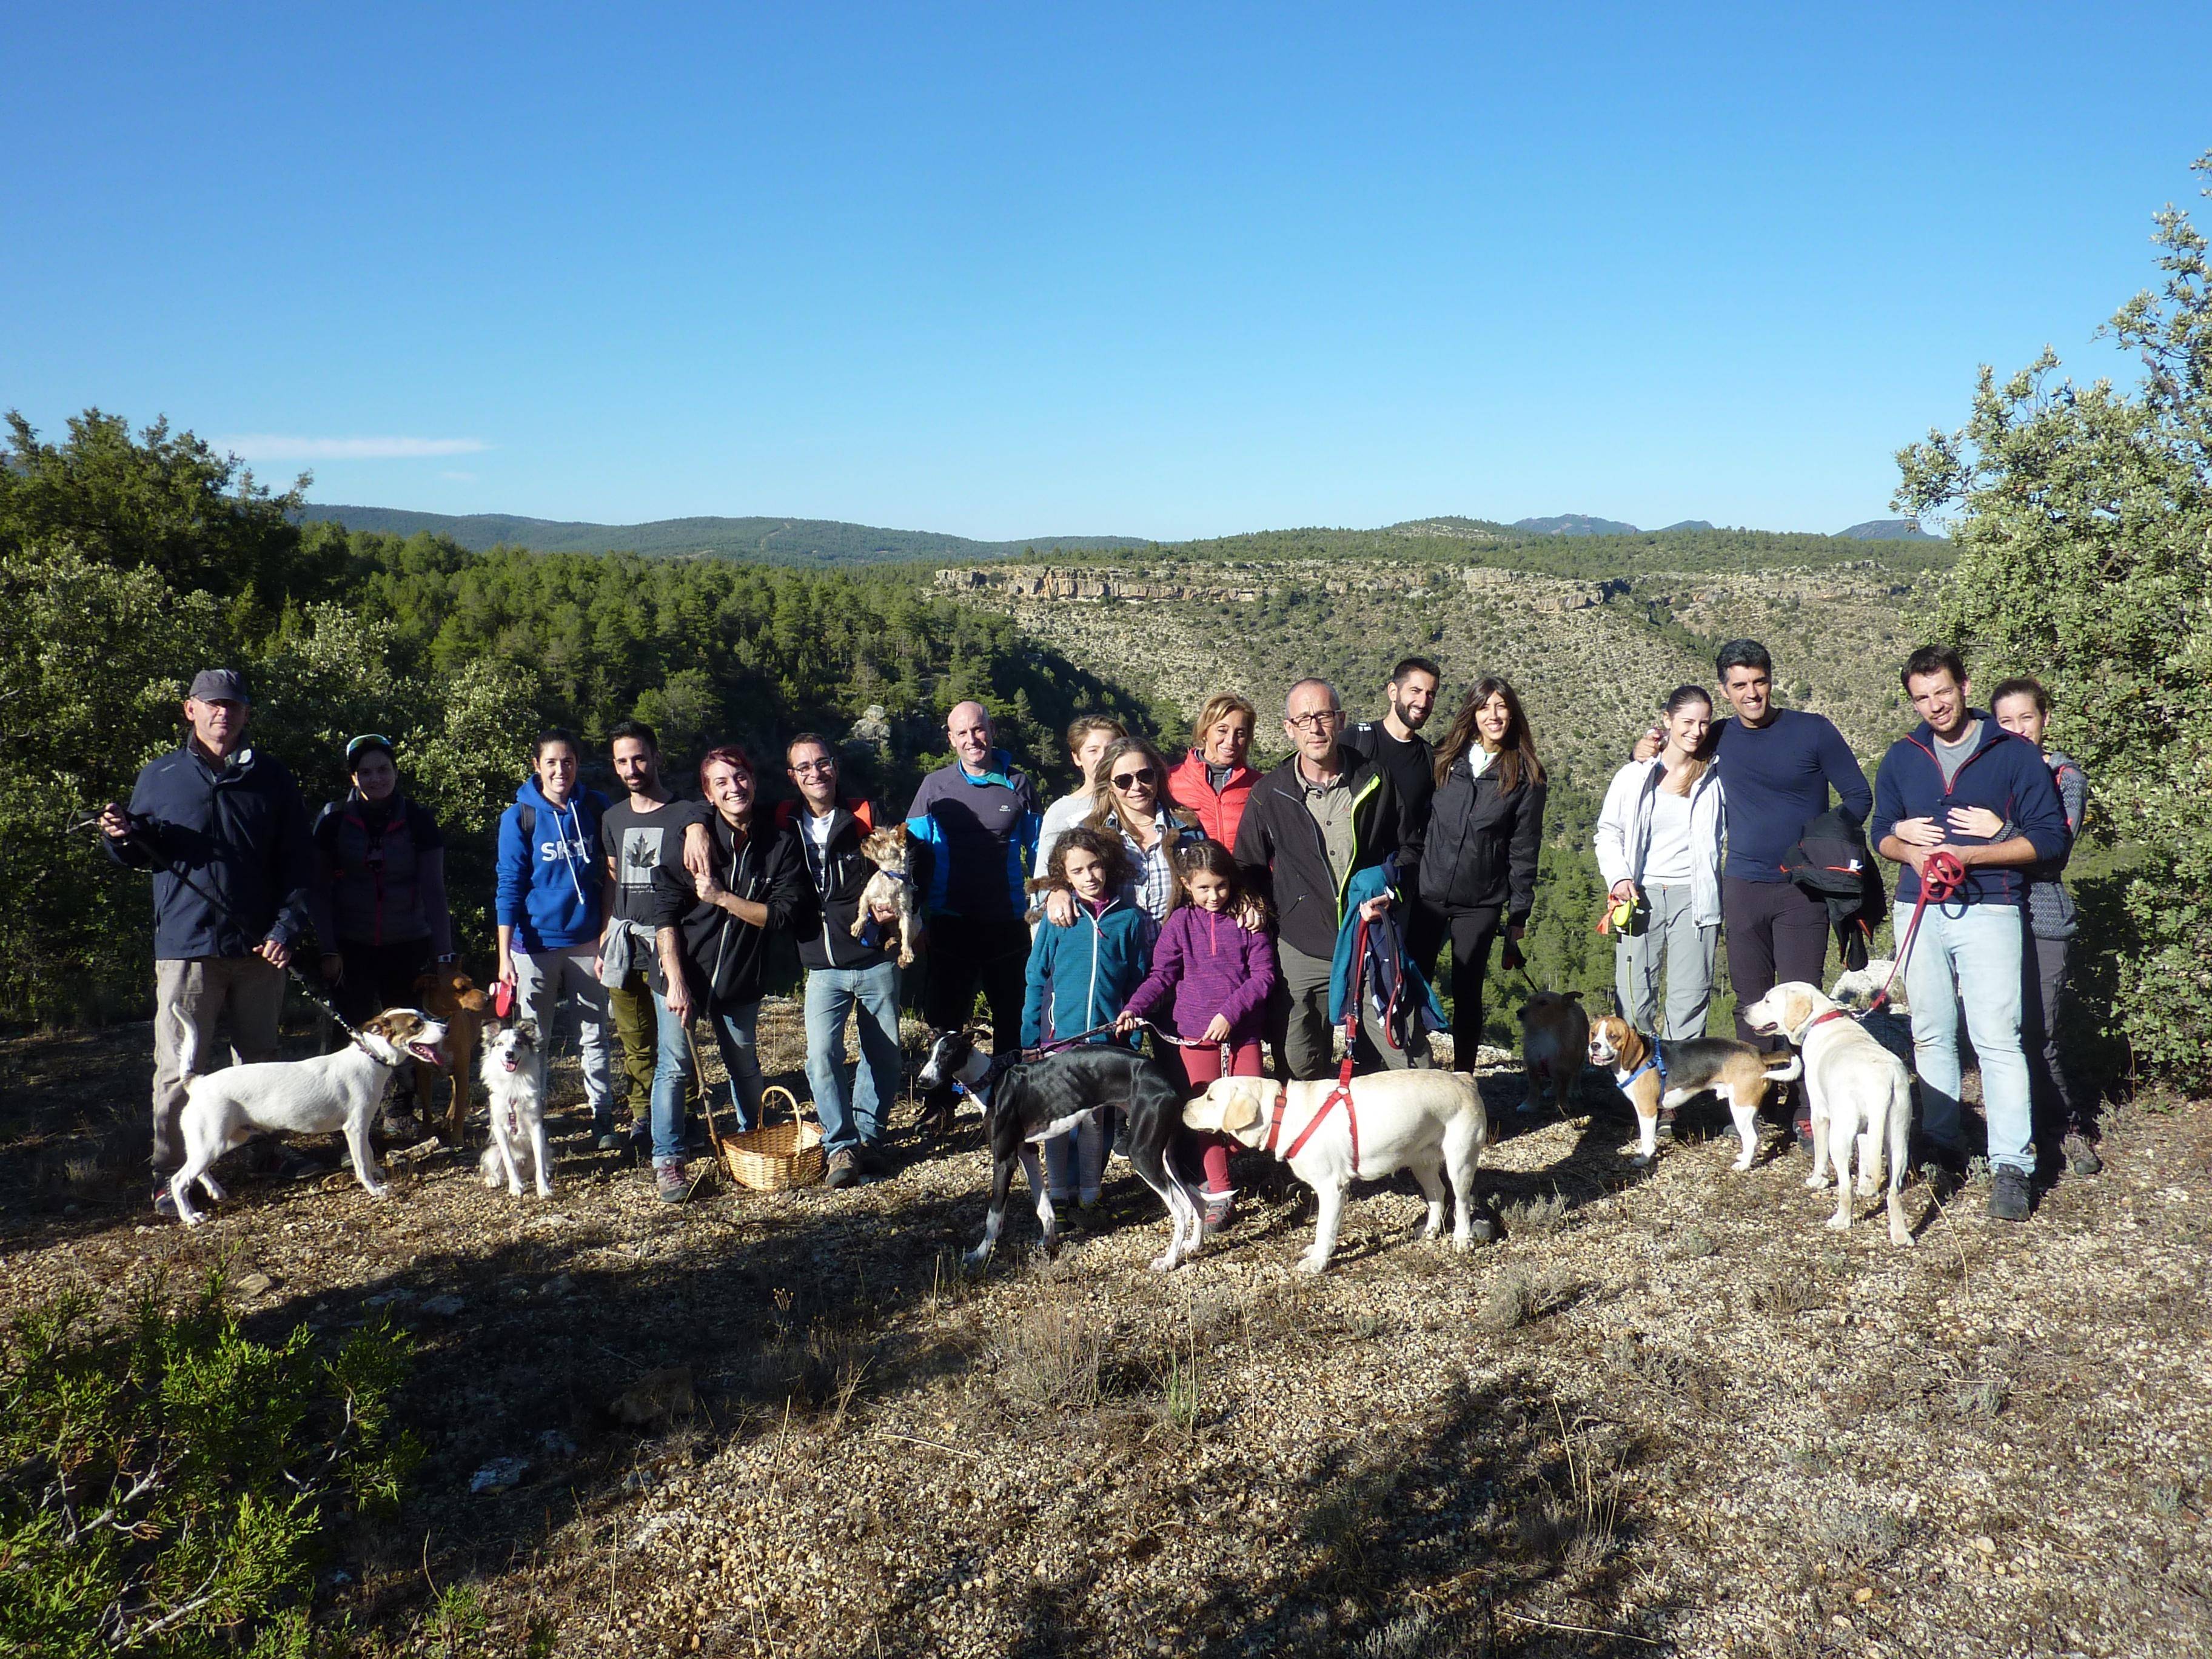 Actividades con perro y curso adiestramiento canino 2016 (3)